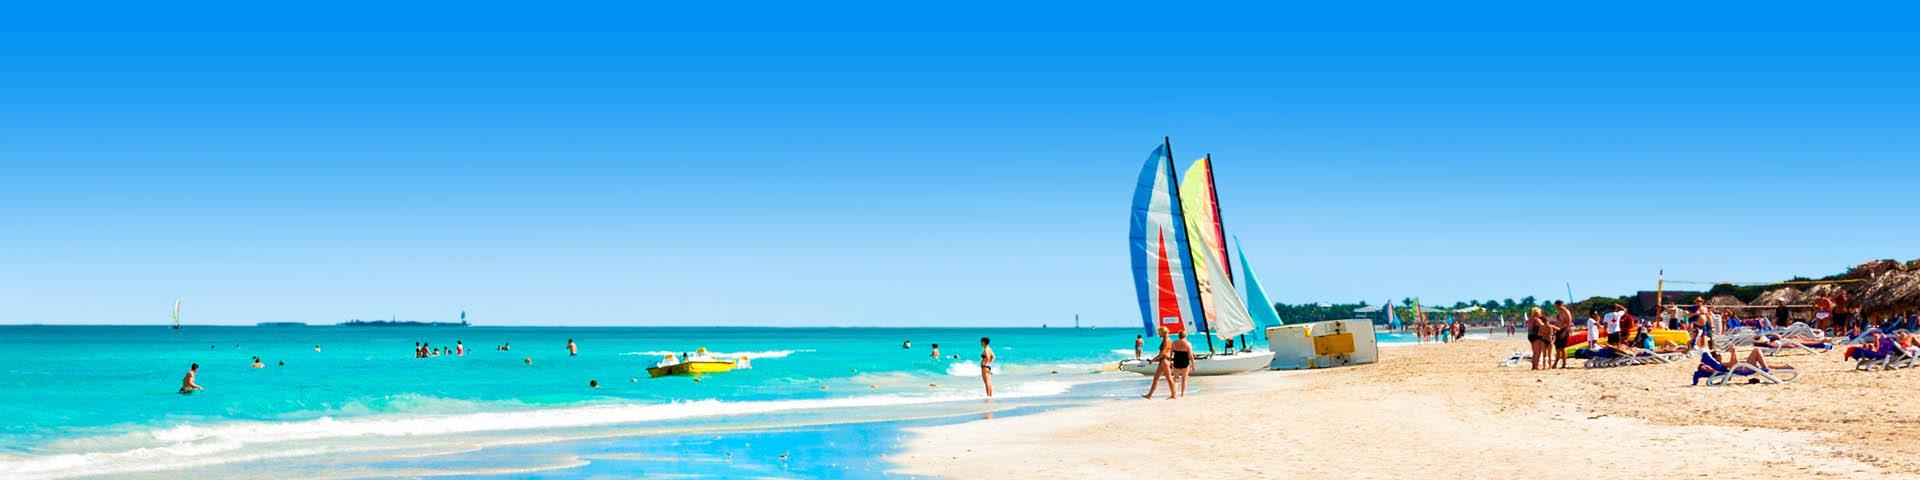 Wit zandstrand met azuurblauwe zee en vakantiegangers op het strand.